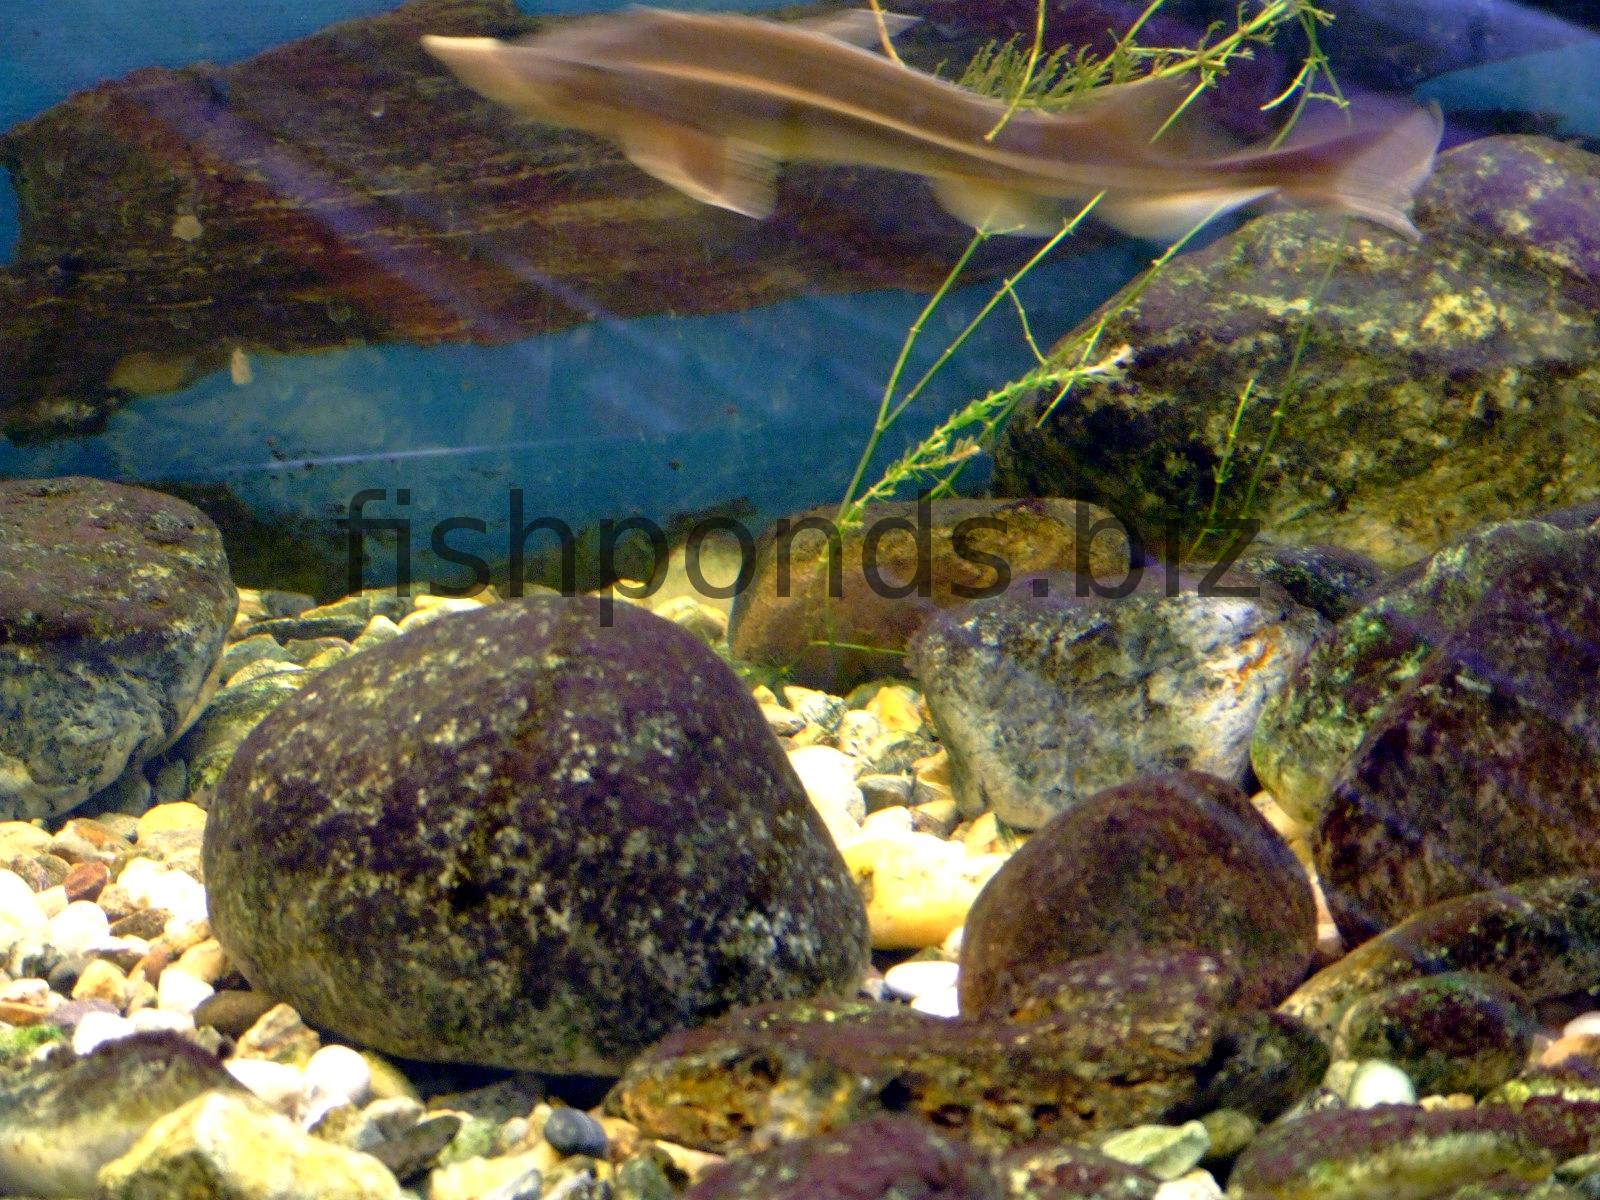 ... Aquarium Rocks, Resized Image 3 ...